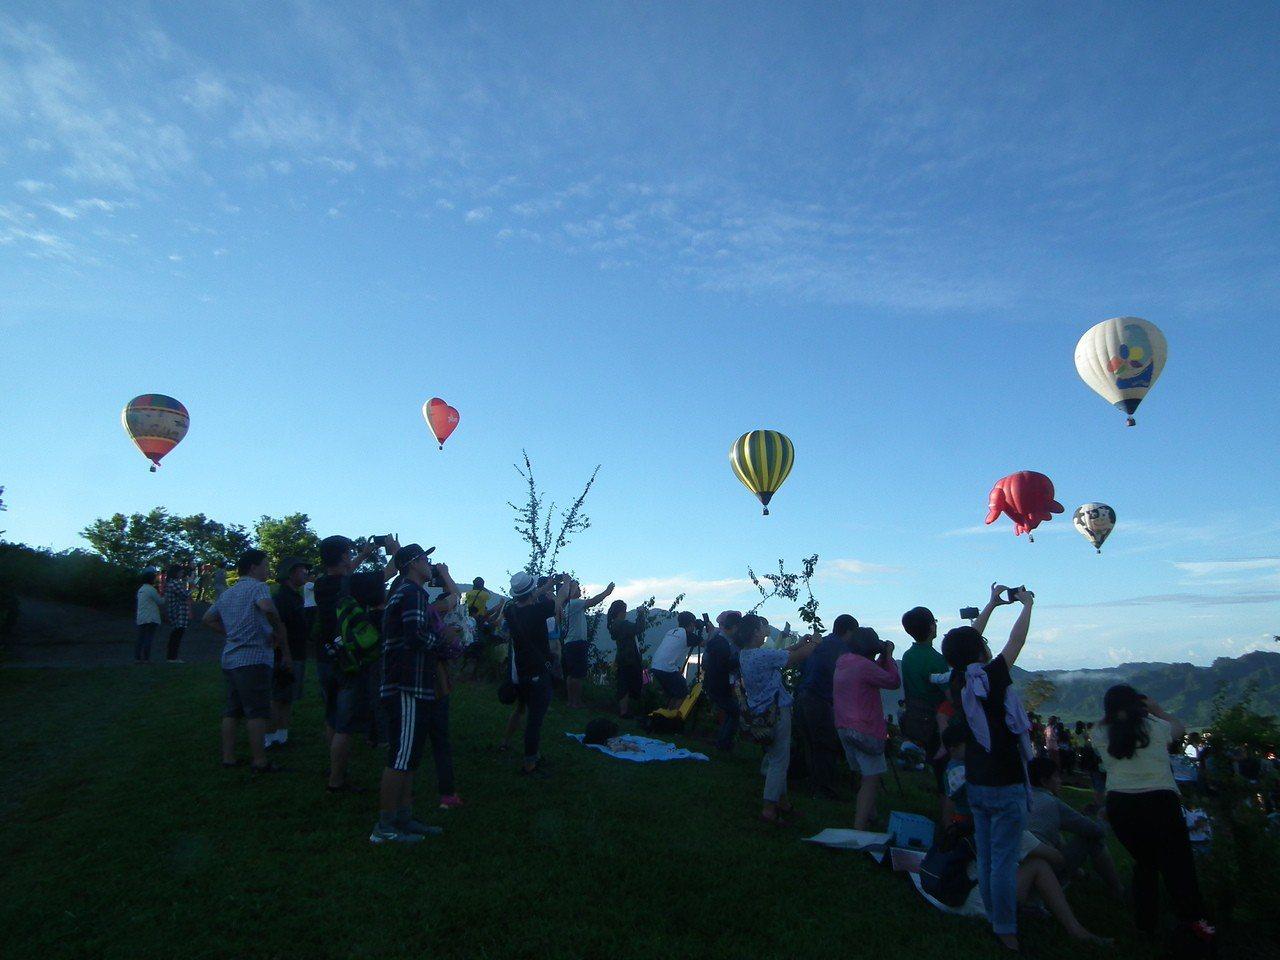 去年熱氣球活動及國慶煙火的加持,在陸客觀光減少的情況下,台東可說是逆勢成長,根據...